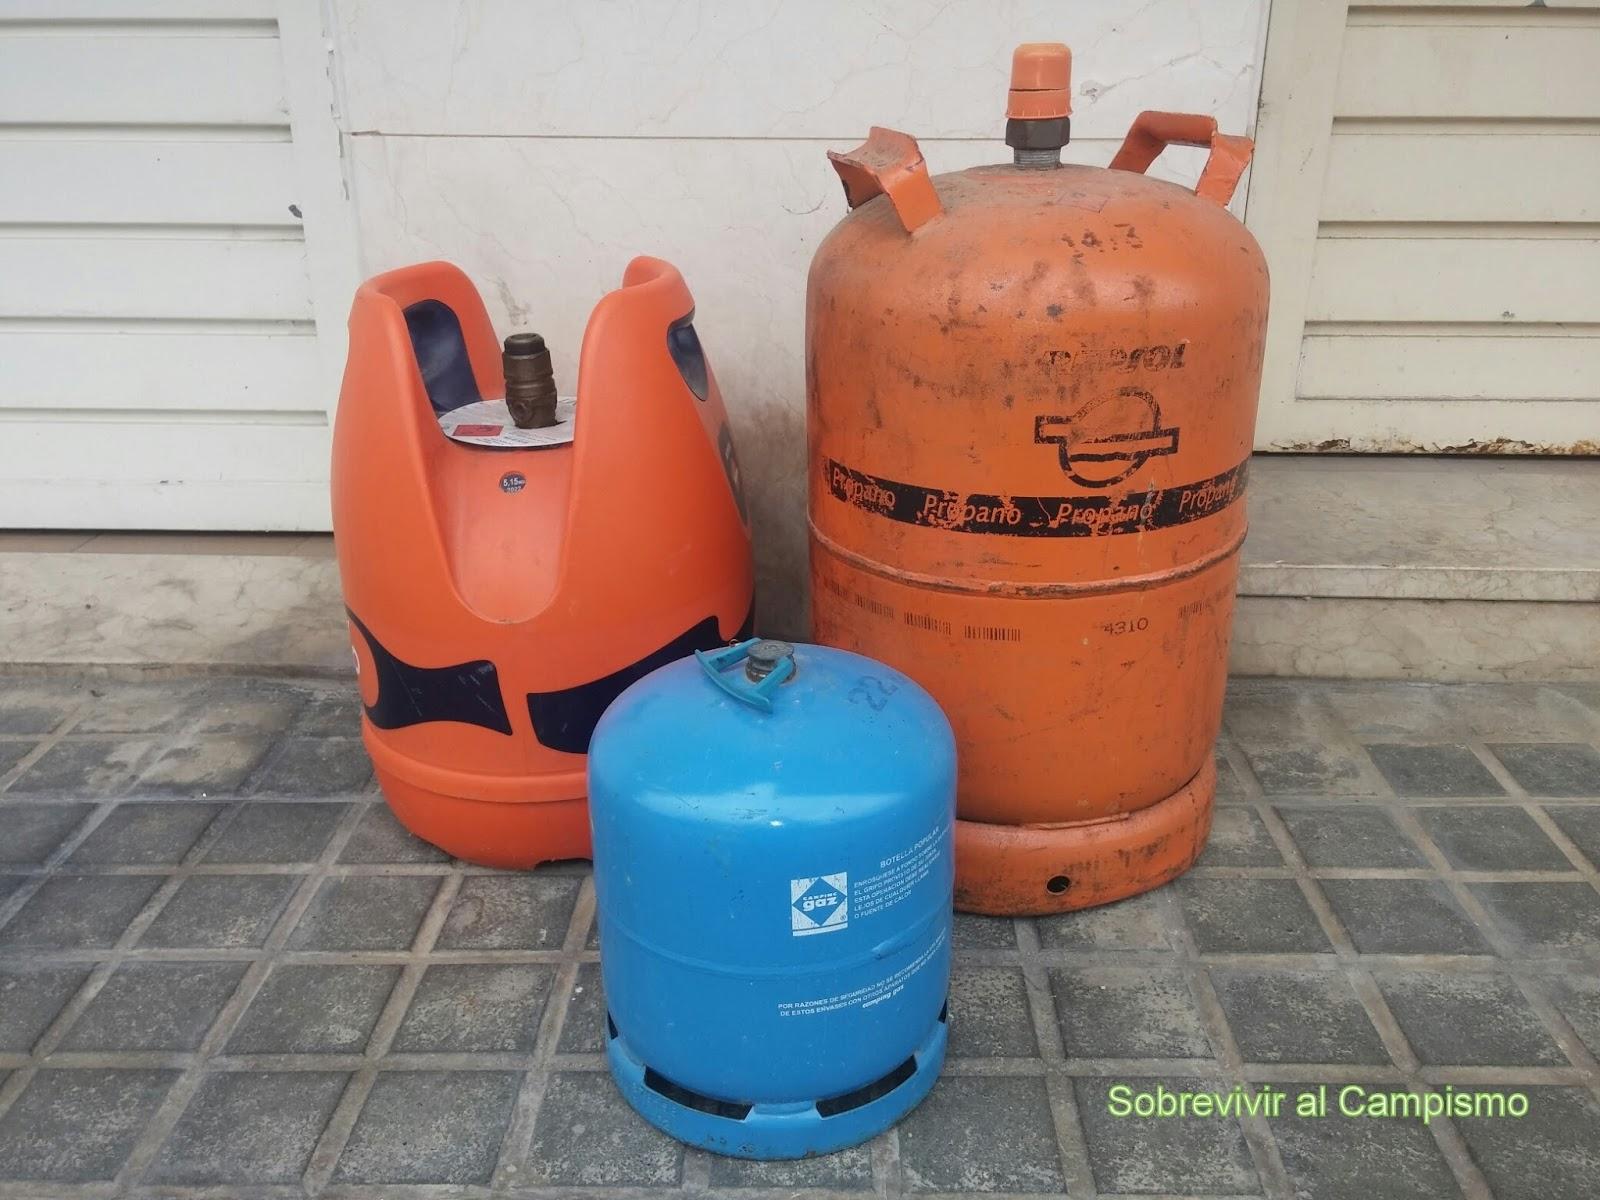 Sobrevivir al campismo  No te quedes sin Gas. Elige una multi-opción 2b069a5025b